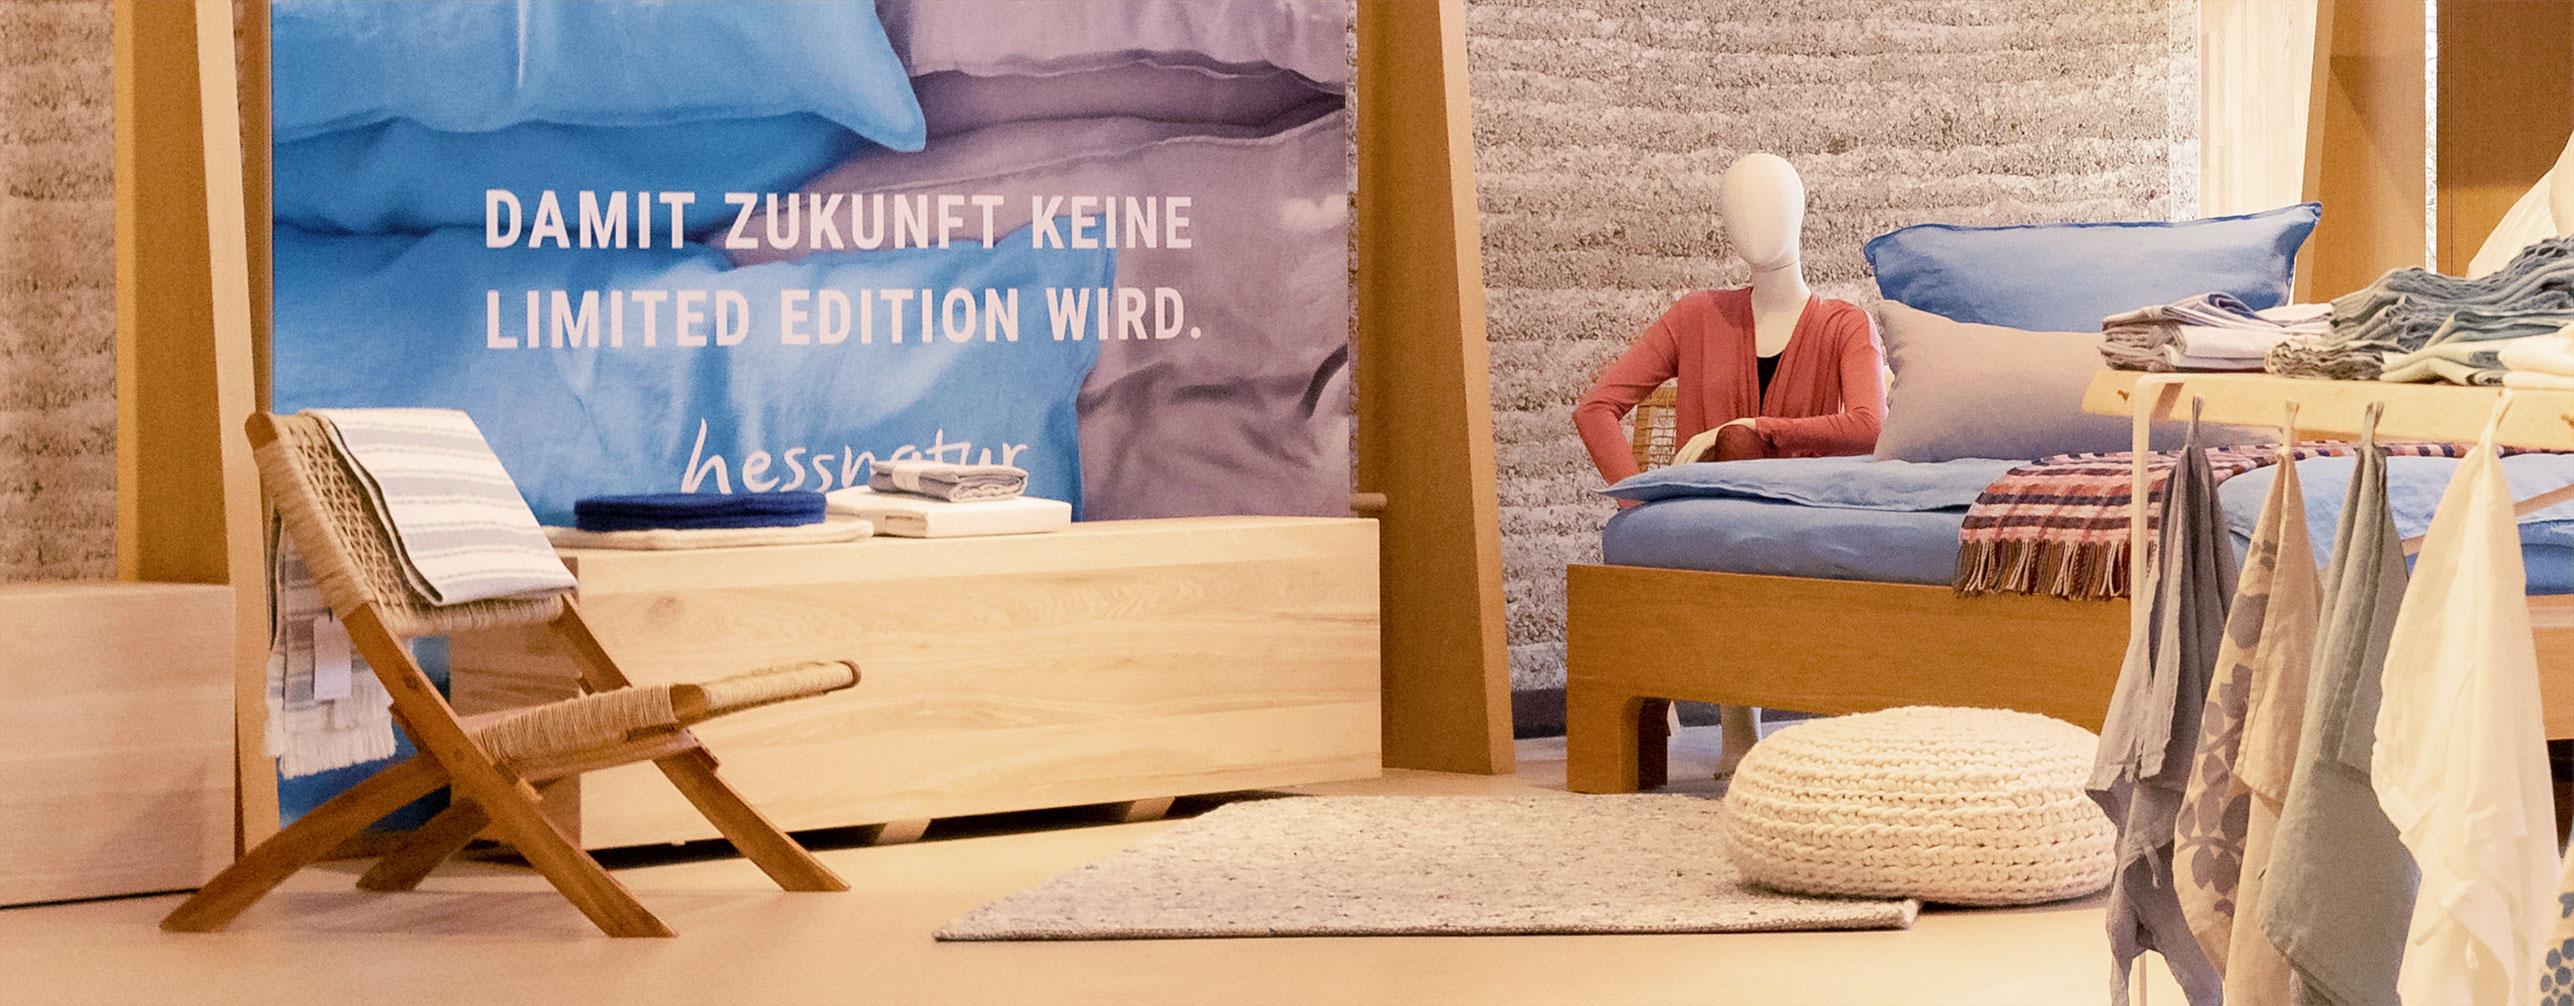 Shop Fur Faire Kleidung In Butzbach Oko Mode In Butzbach Kaufen Hessnatur Deutschland